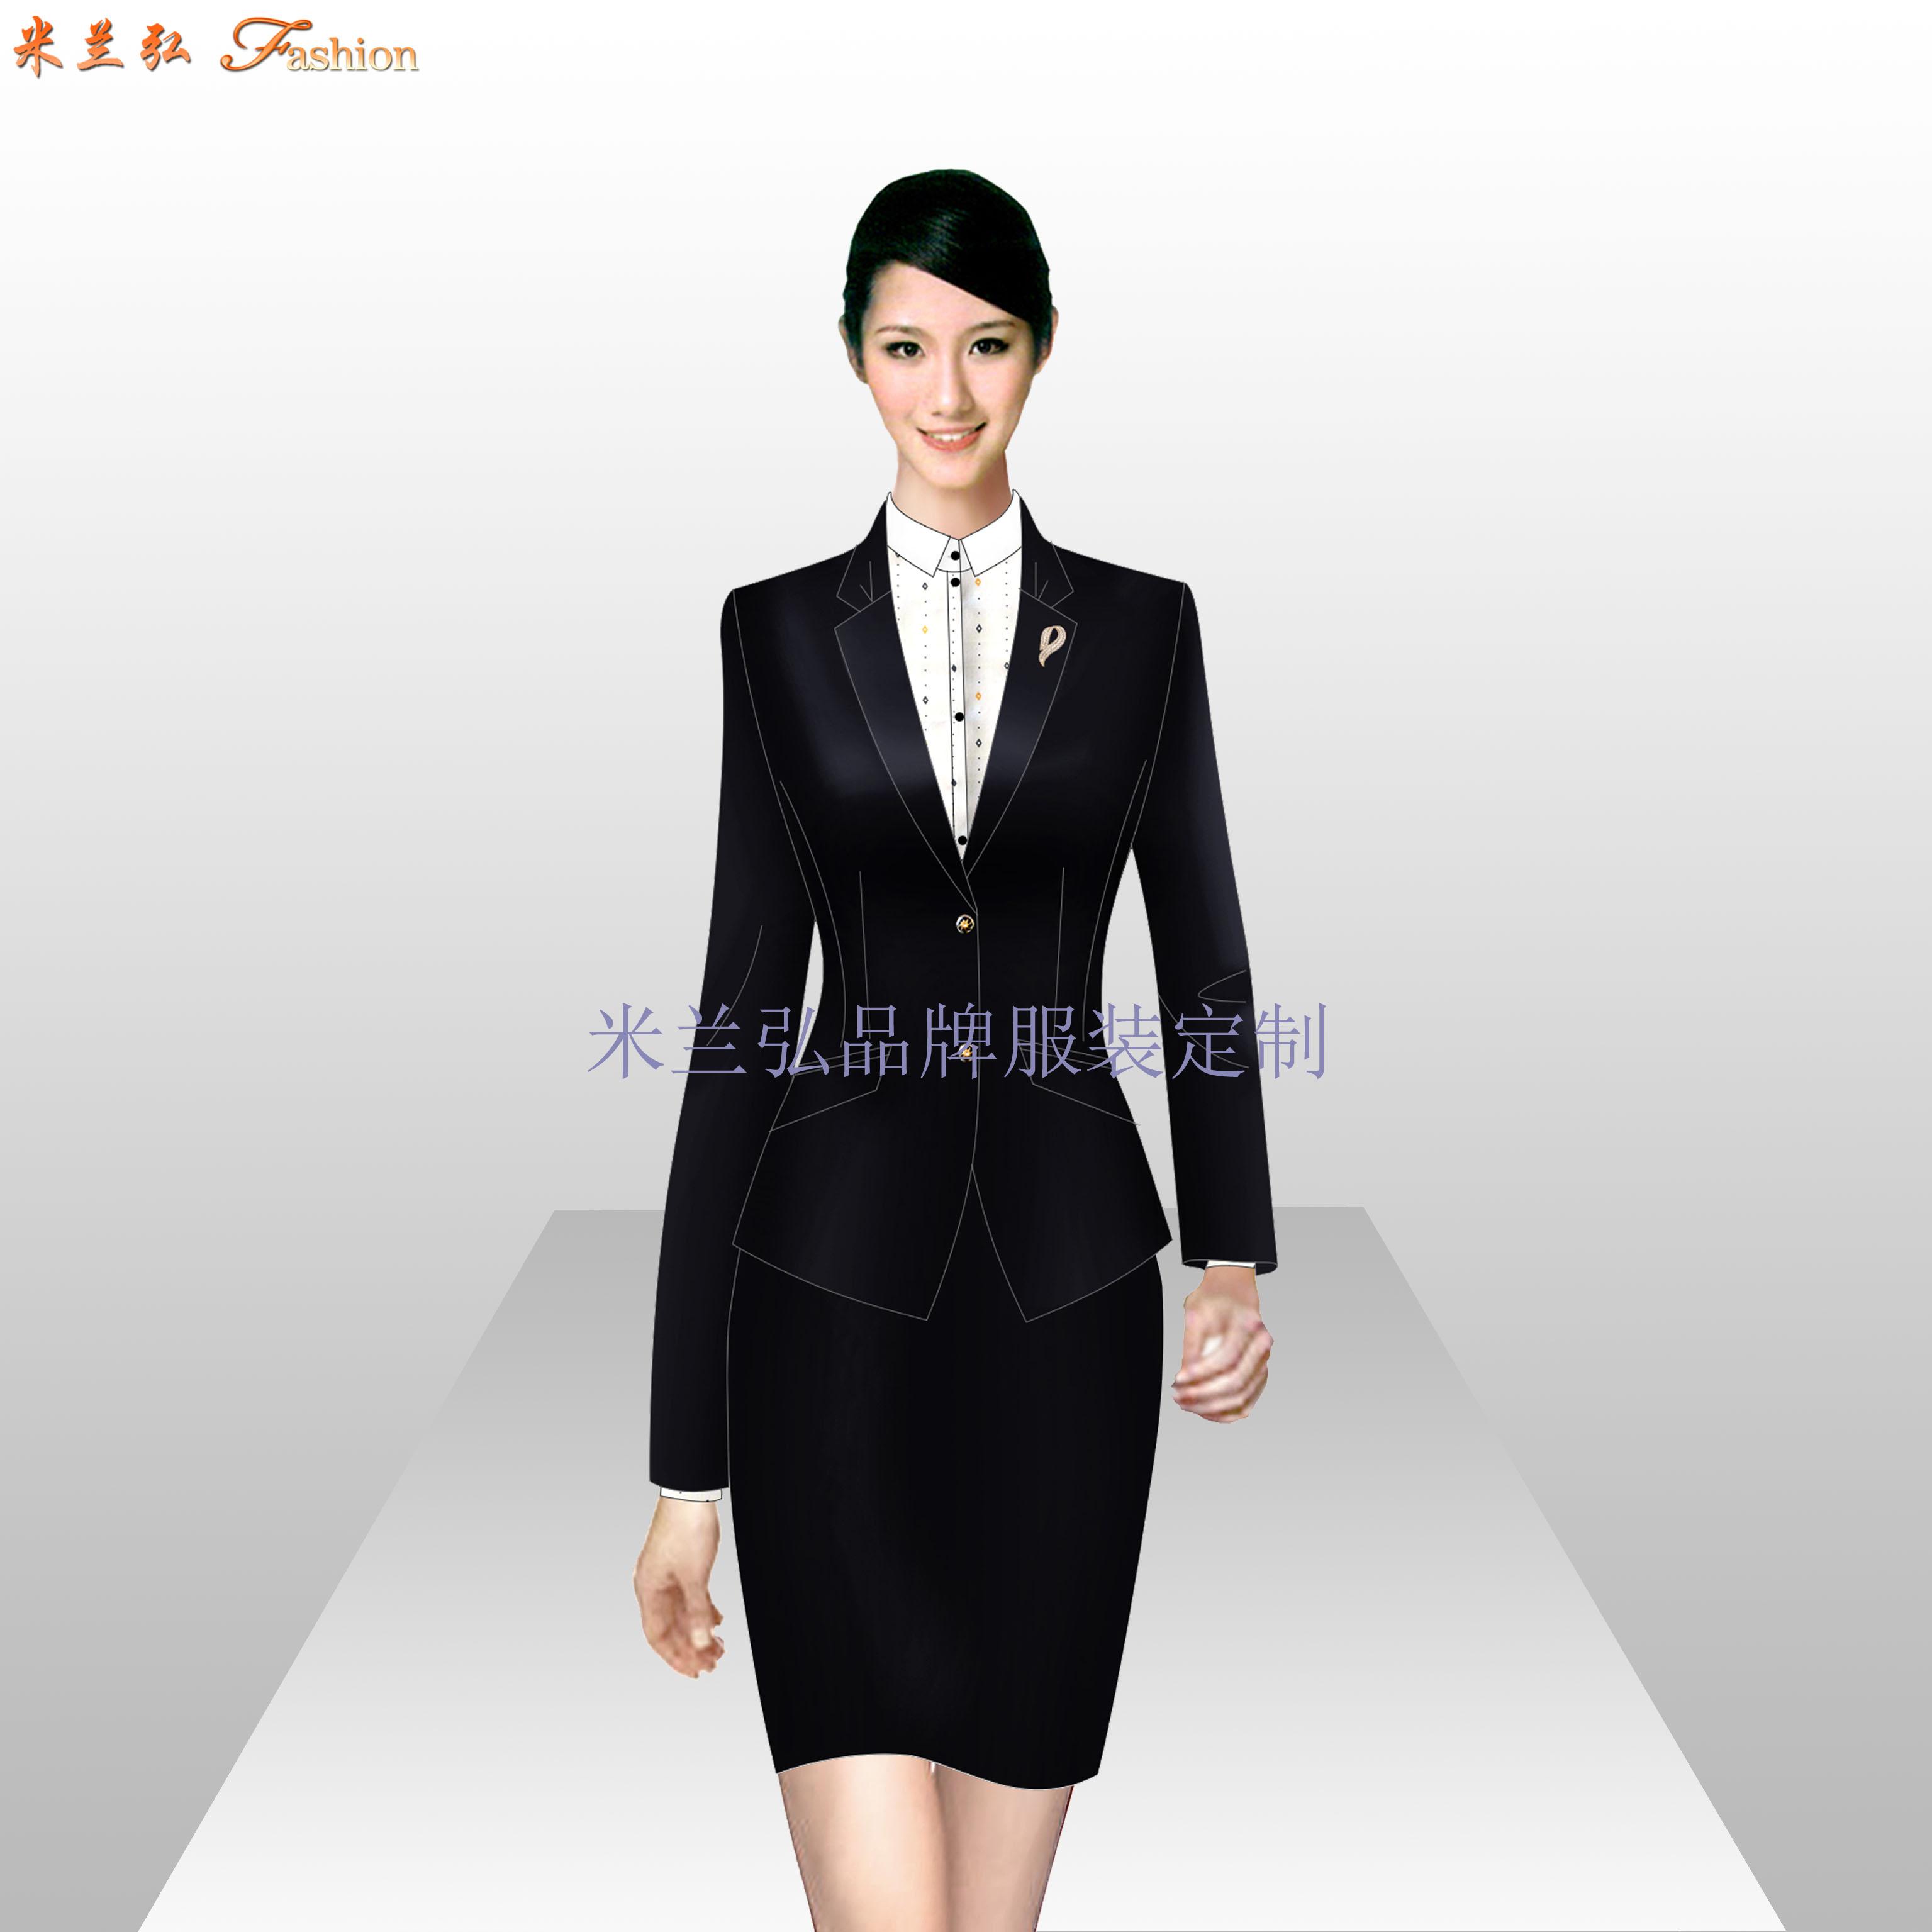 西城區西服定制_北京西城職業裝訂做-米蘭弘服裝廠家-1